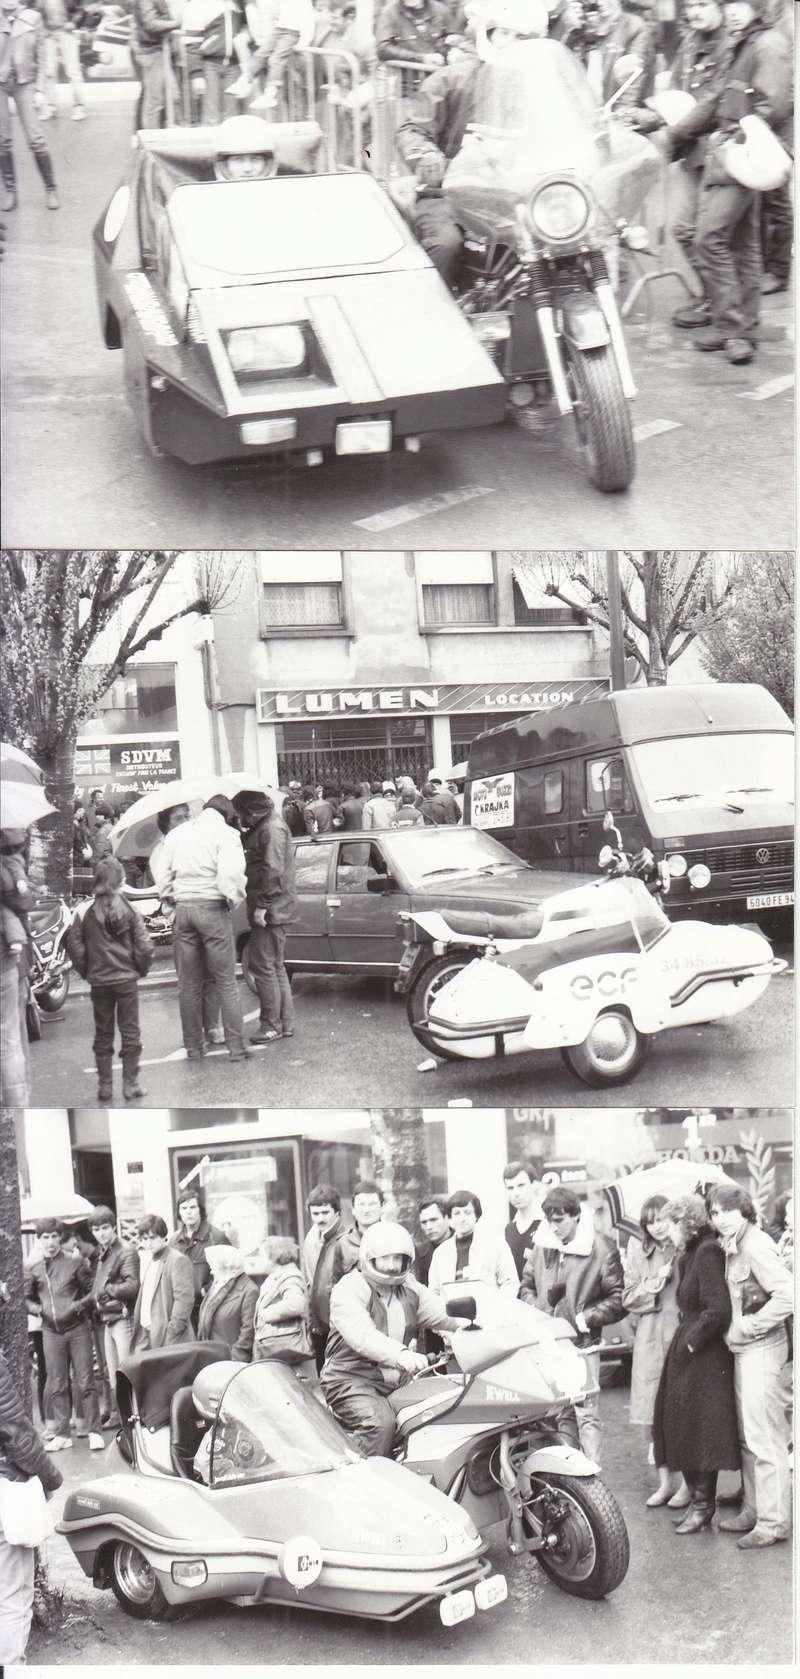 [Oldies] 1980 à 1988: Le Tour de France side-car, par Joël Enndewell  - Page 17 Sans_t48